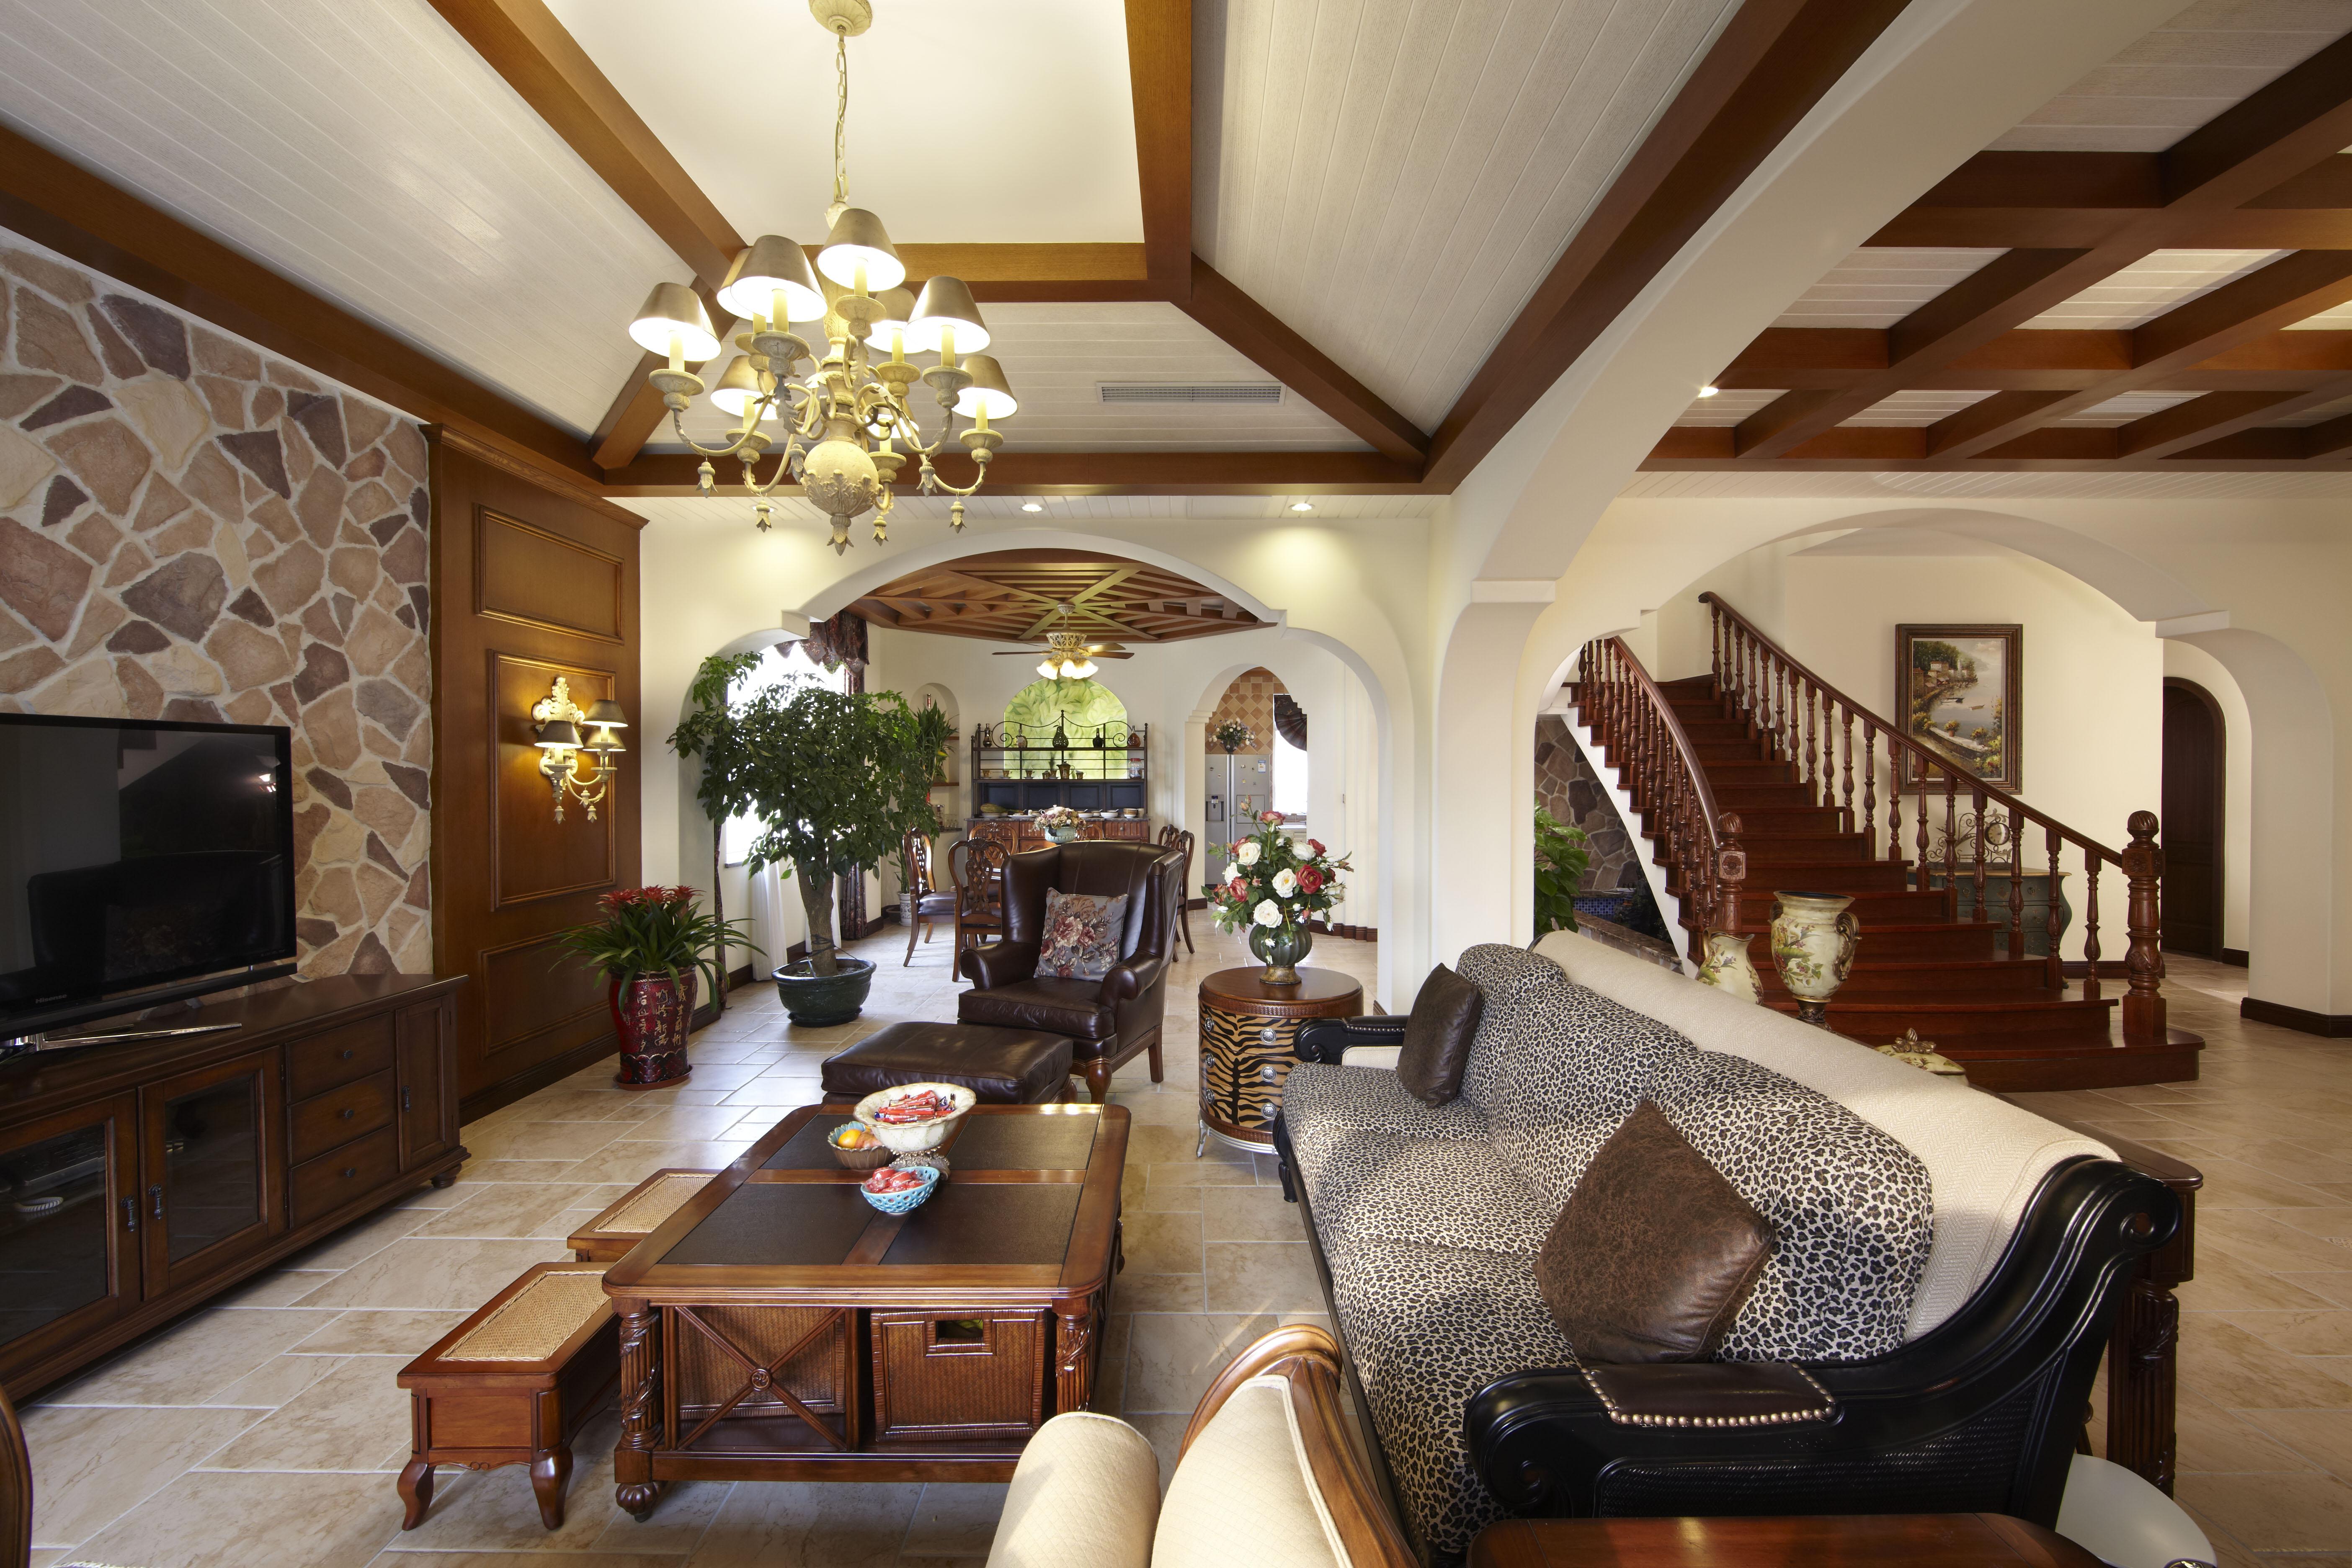 客厅熙顺景元洲装饰美式别墅别墅装修客厅设计装饰乡村设计大学什么是villa别墅图片